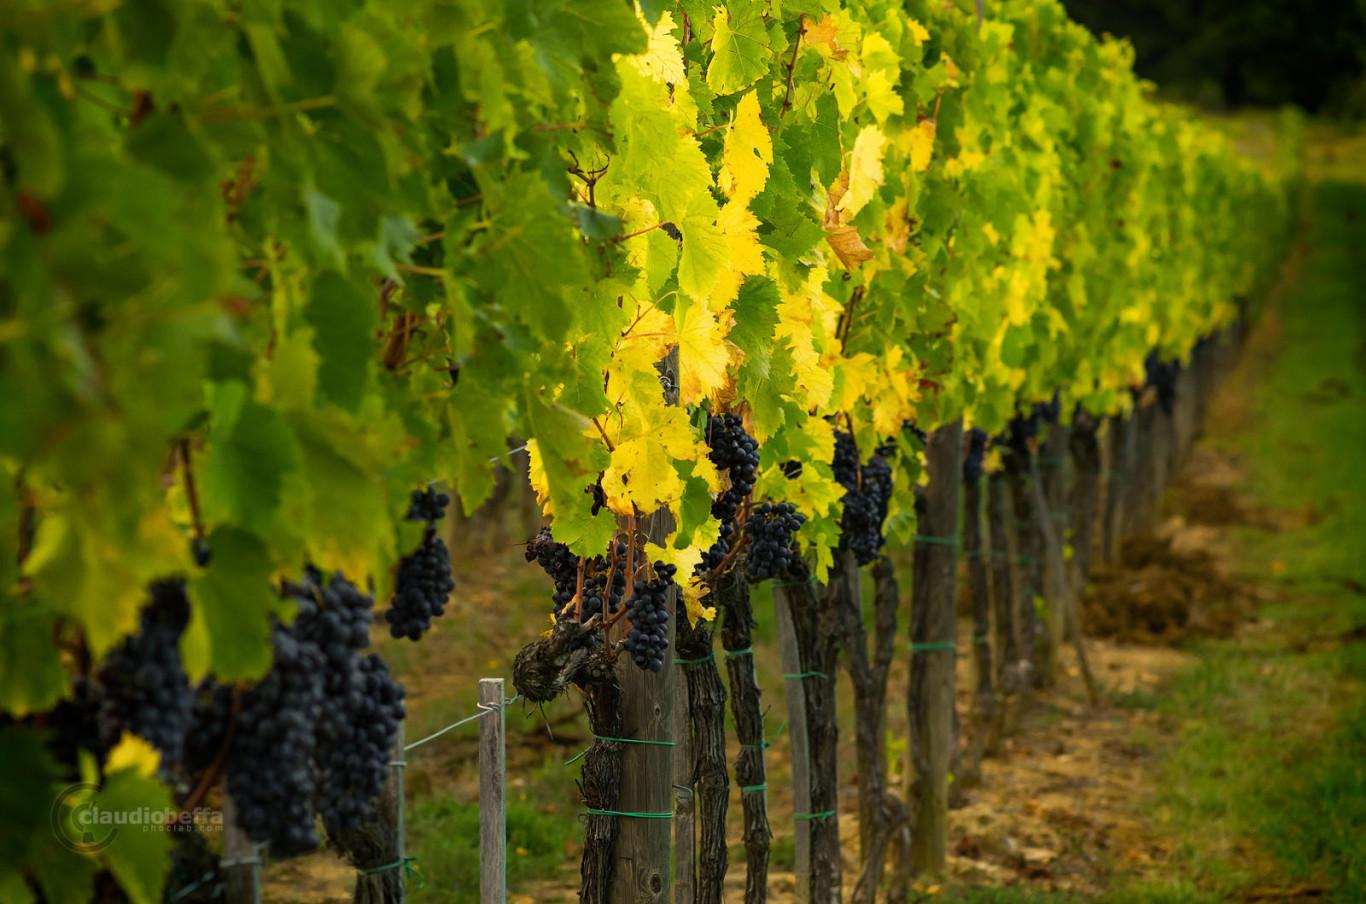 Vines, Vineyard, Grapes, Sangiovese, Tuscany, Toscana, Val d'Orcia, Green, Light, Italy, Italia